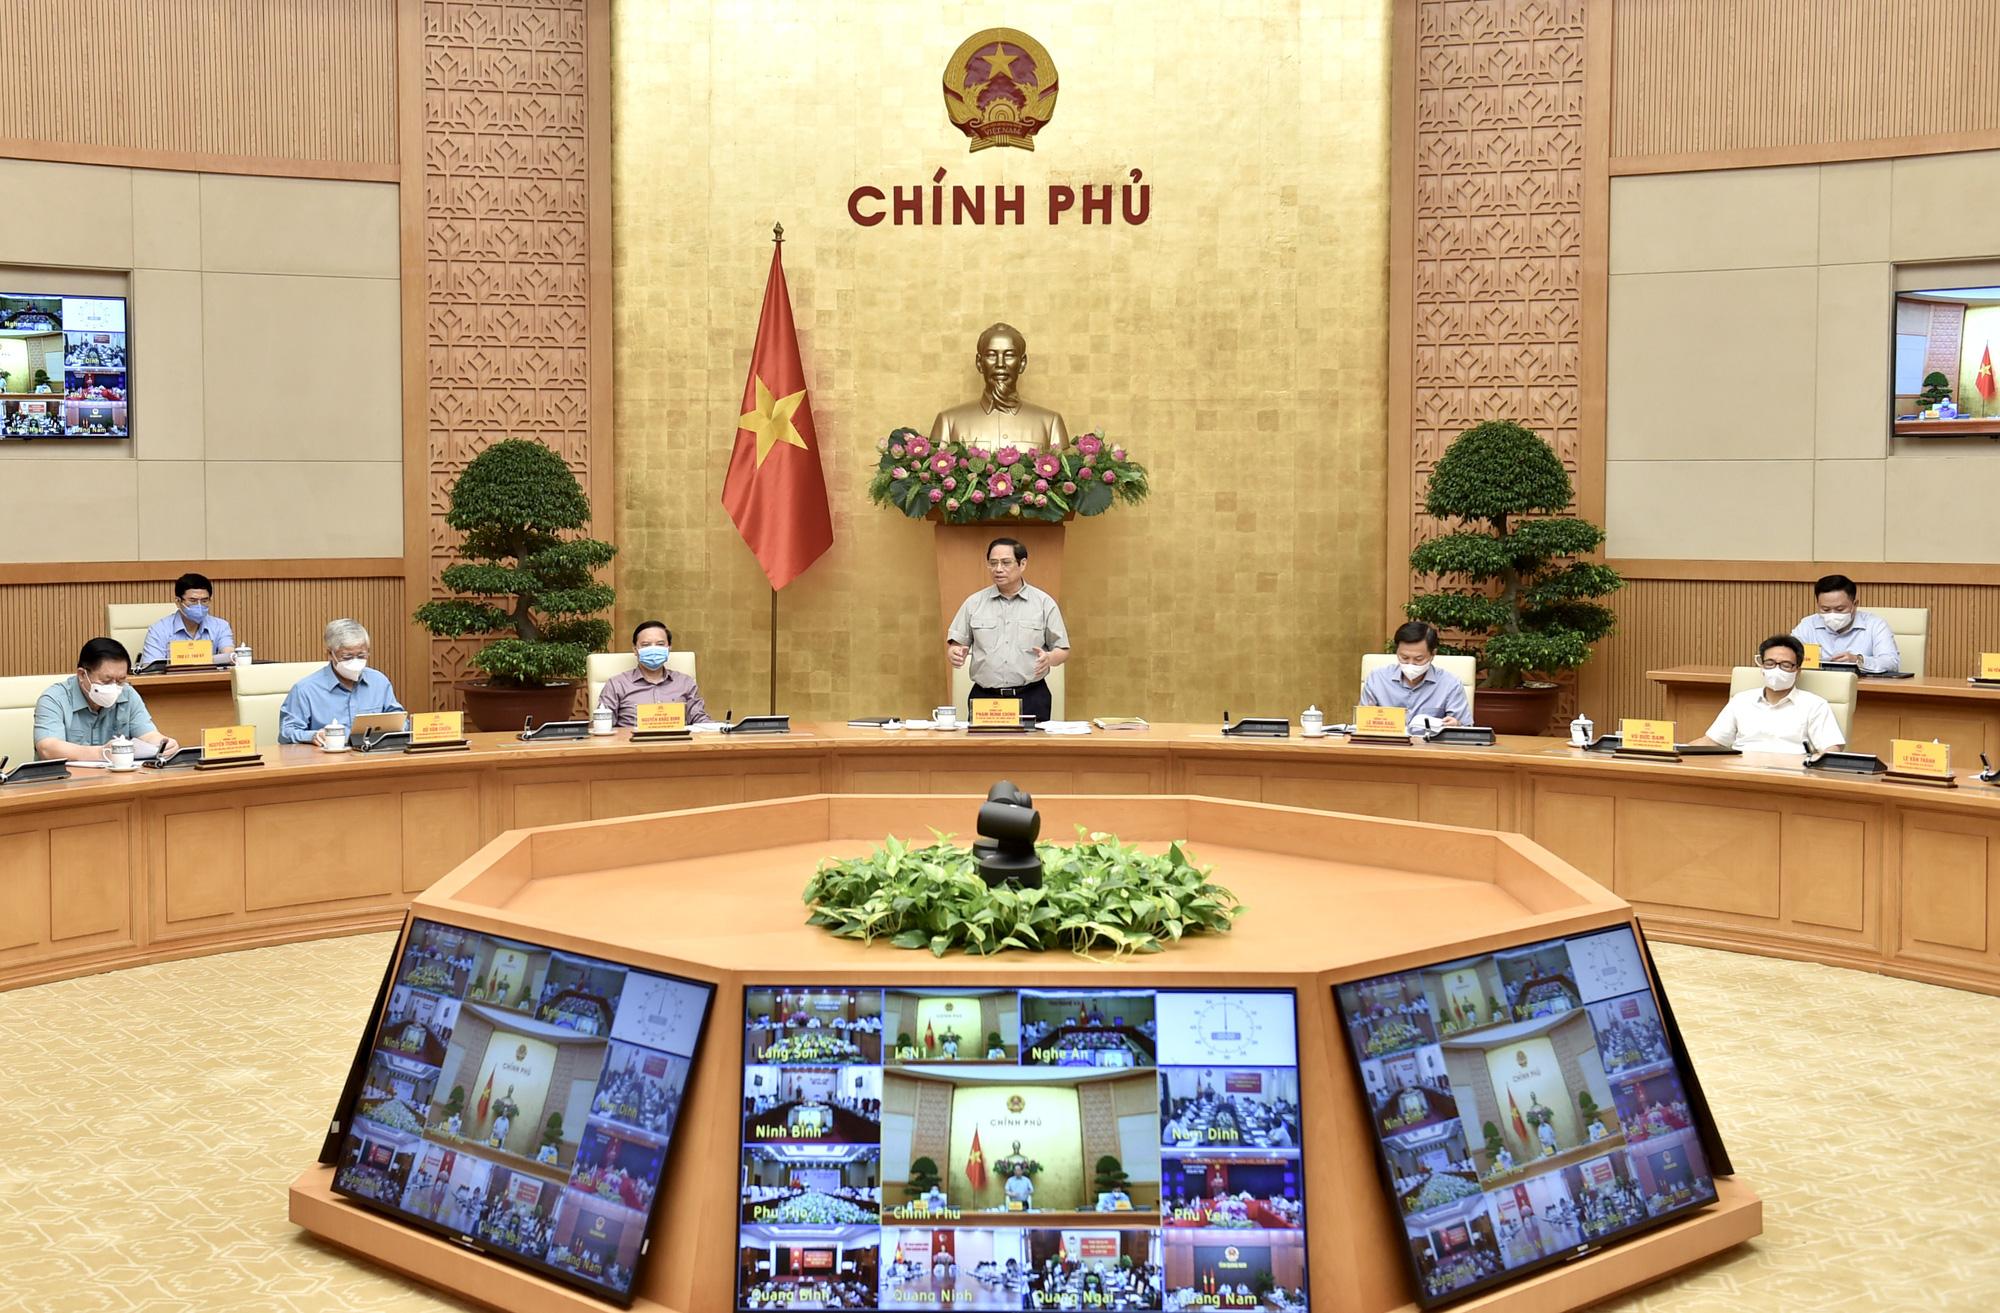 Thủ tướng: Cố gắng đến 30-9 nới lỏng giãn cách để khôi phục phát triển kinh tế-xã hội - Ảnh 1.